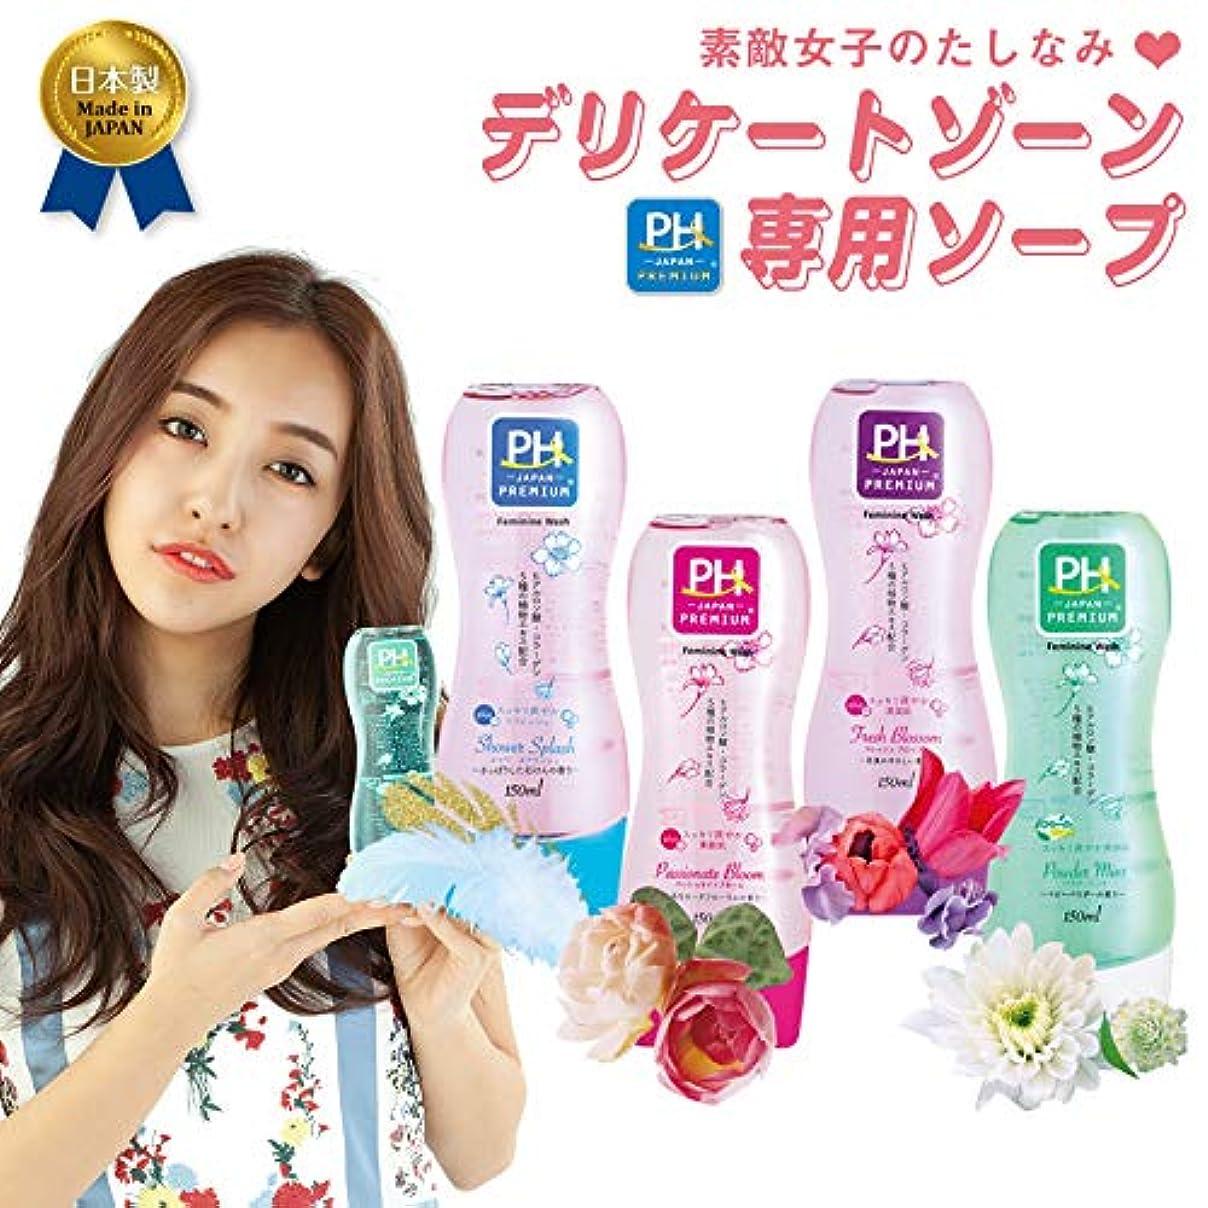 構成ラッカス余剰シャワースプラッシュ4本セット PH JAPAN フェミニンウォッシュ